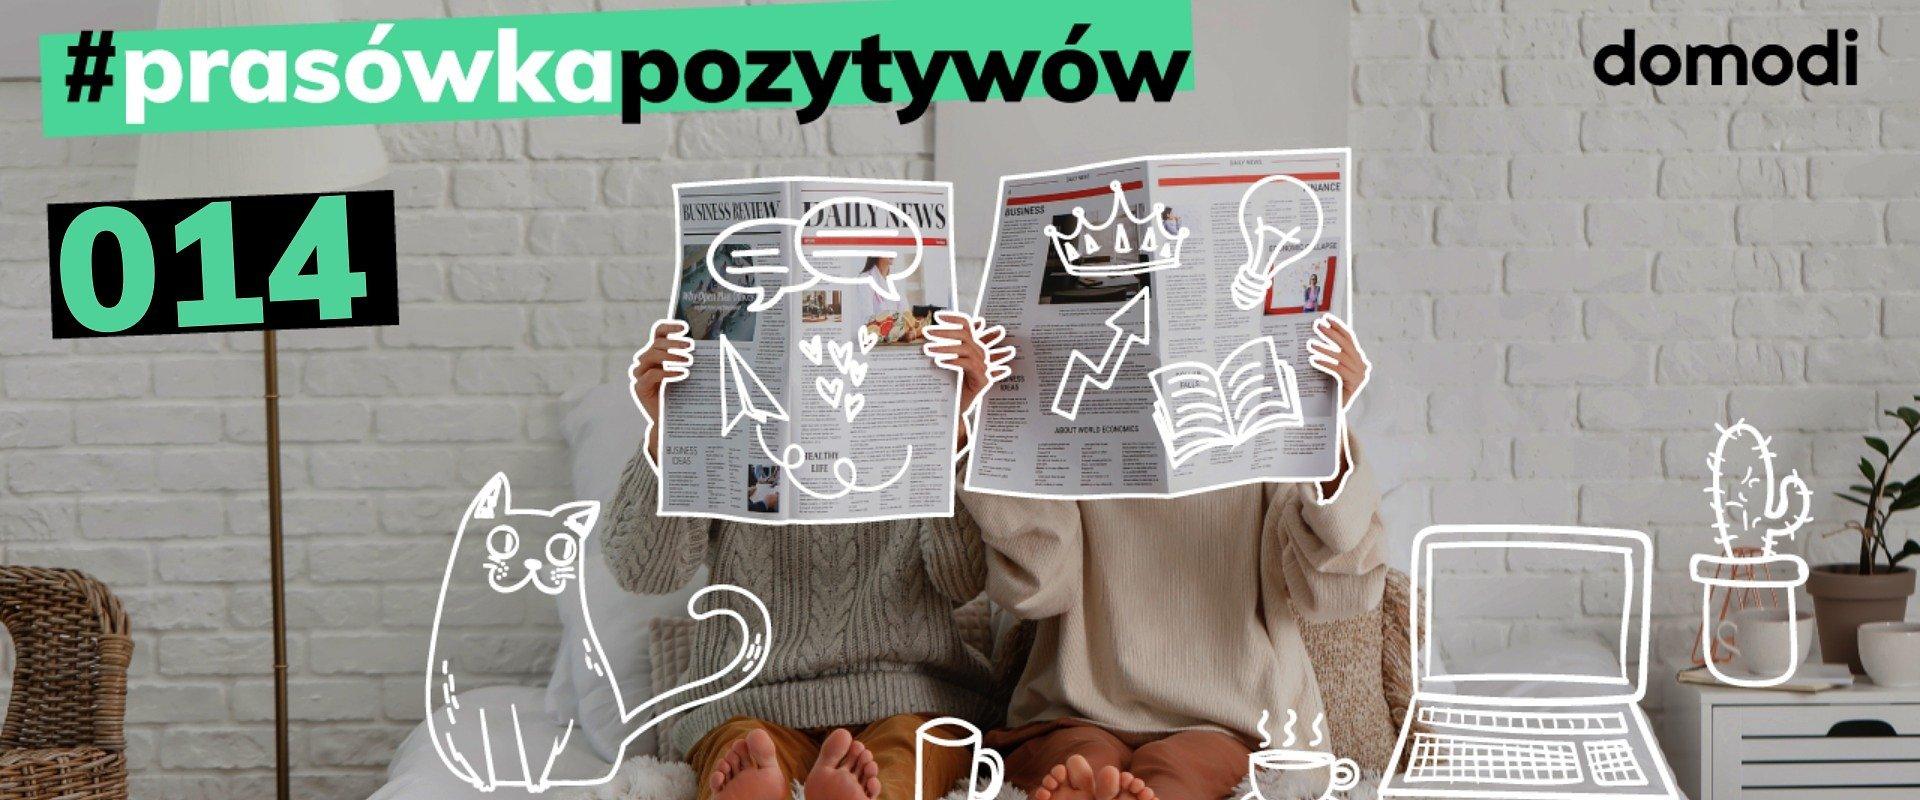 #prasówkapozytywów vol.14